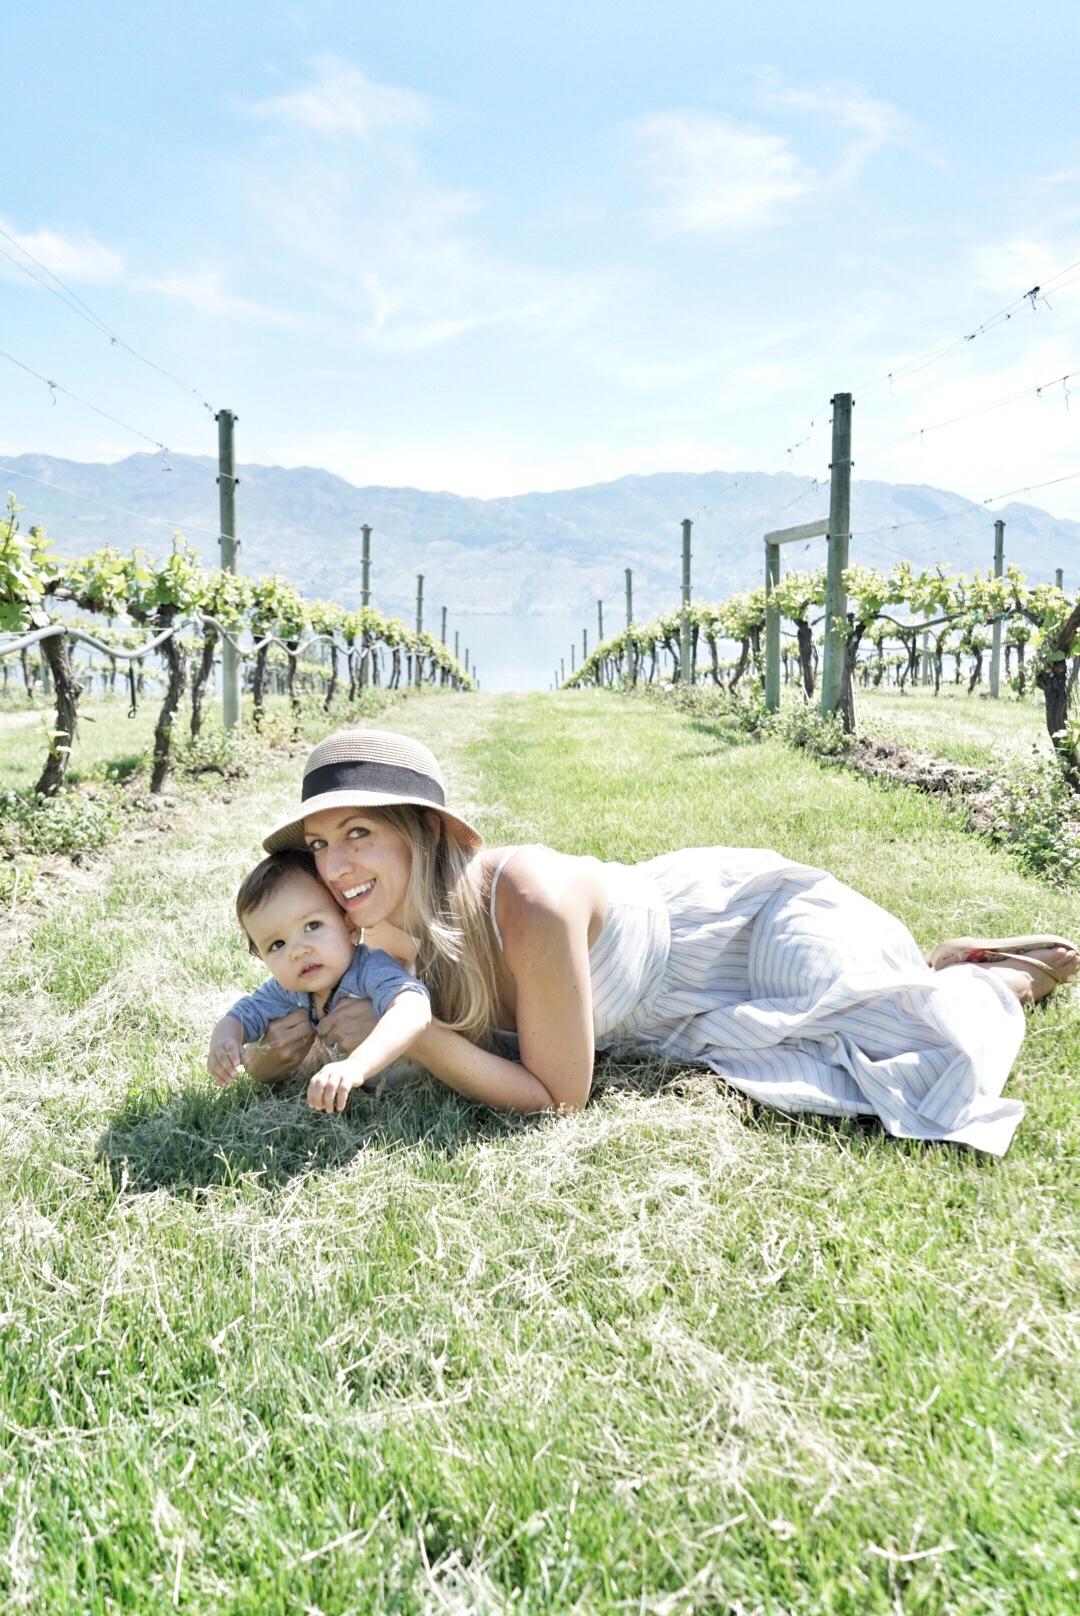 mom and baby vineyard photo